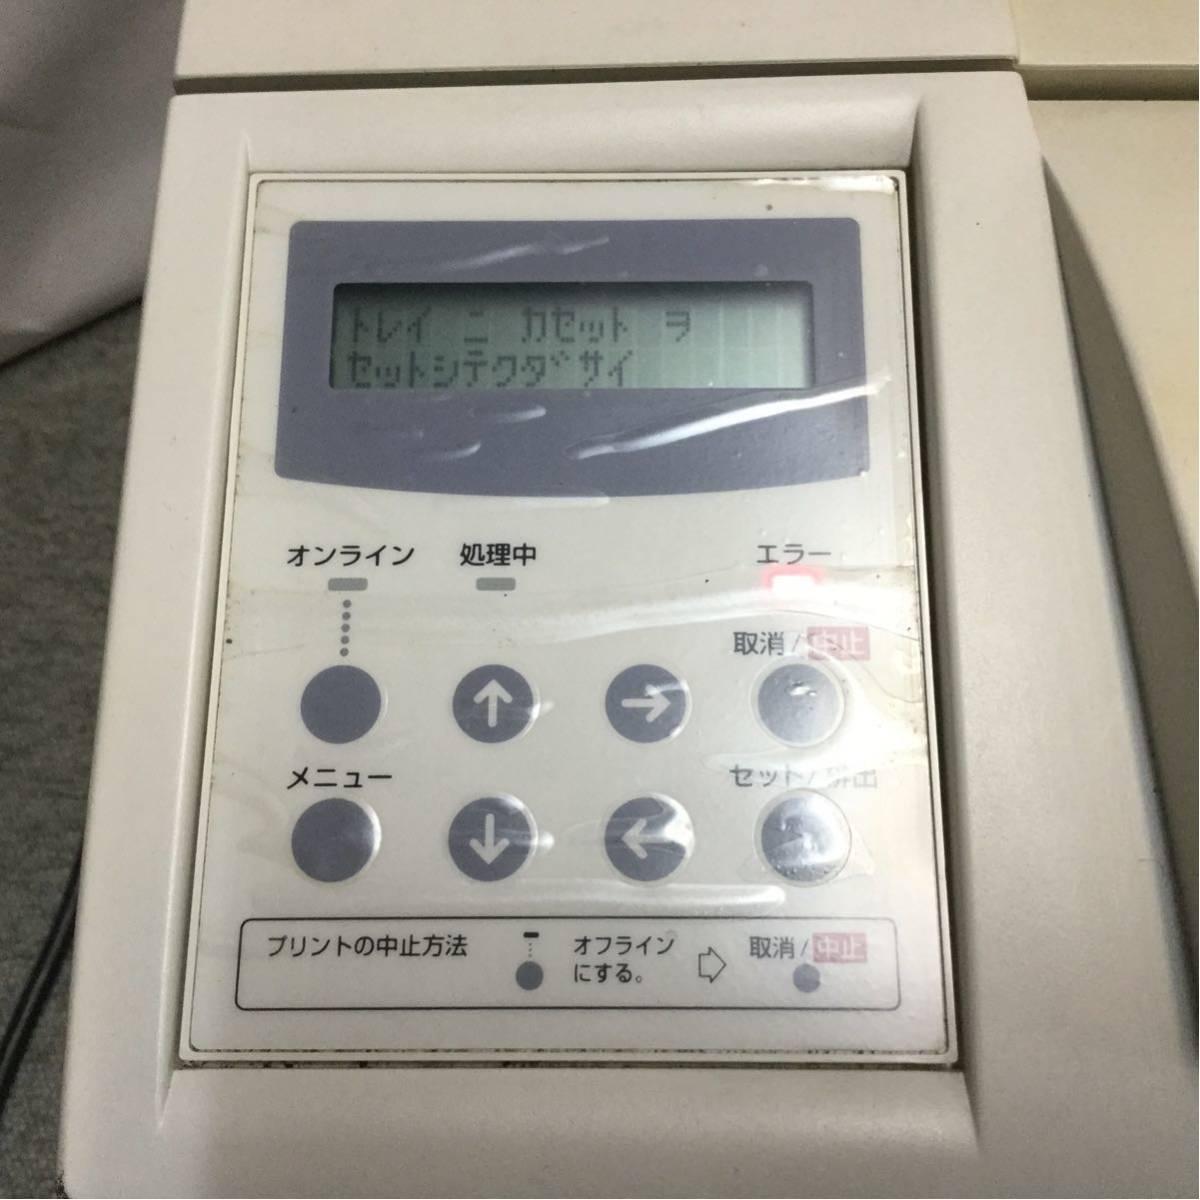 FUJI XEROX レザープリンター Laser Wind 2210 BN23 ジャンク 富士ゼロックス_画像2